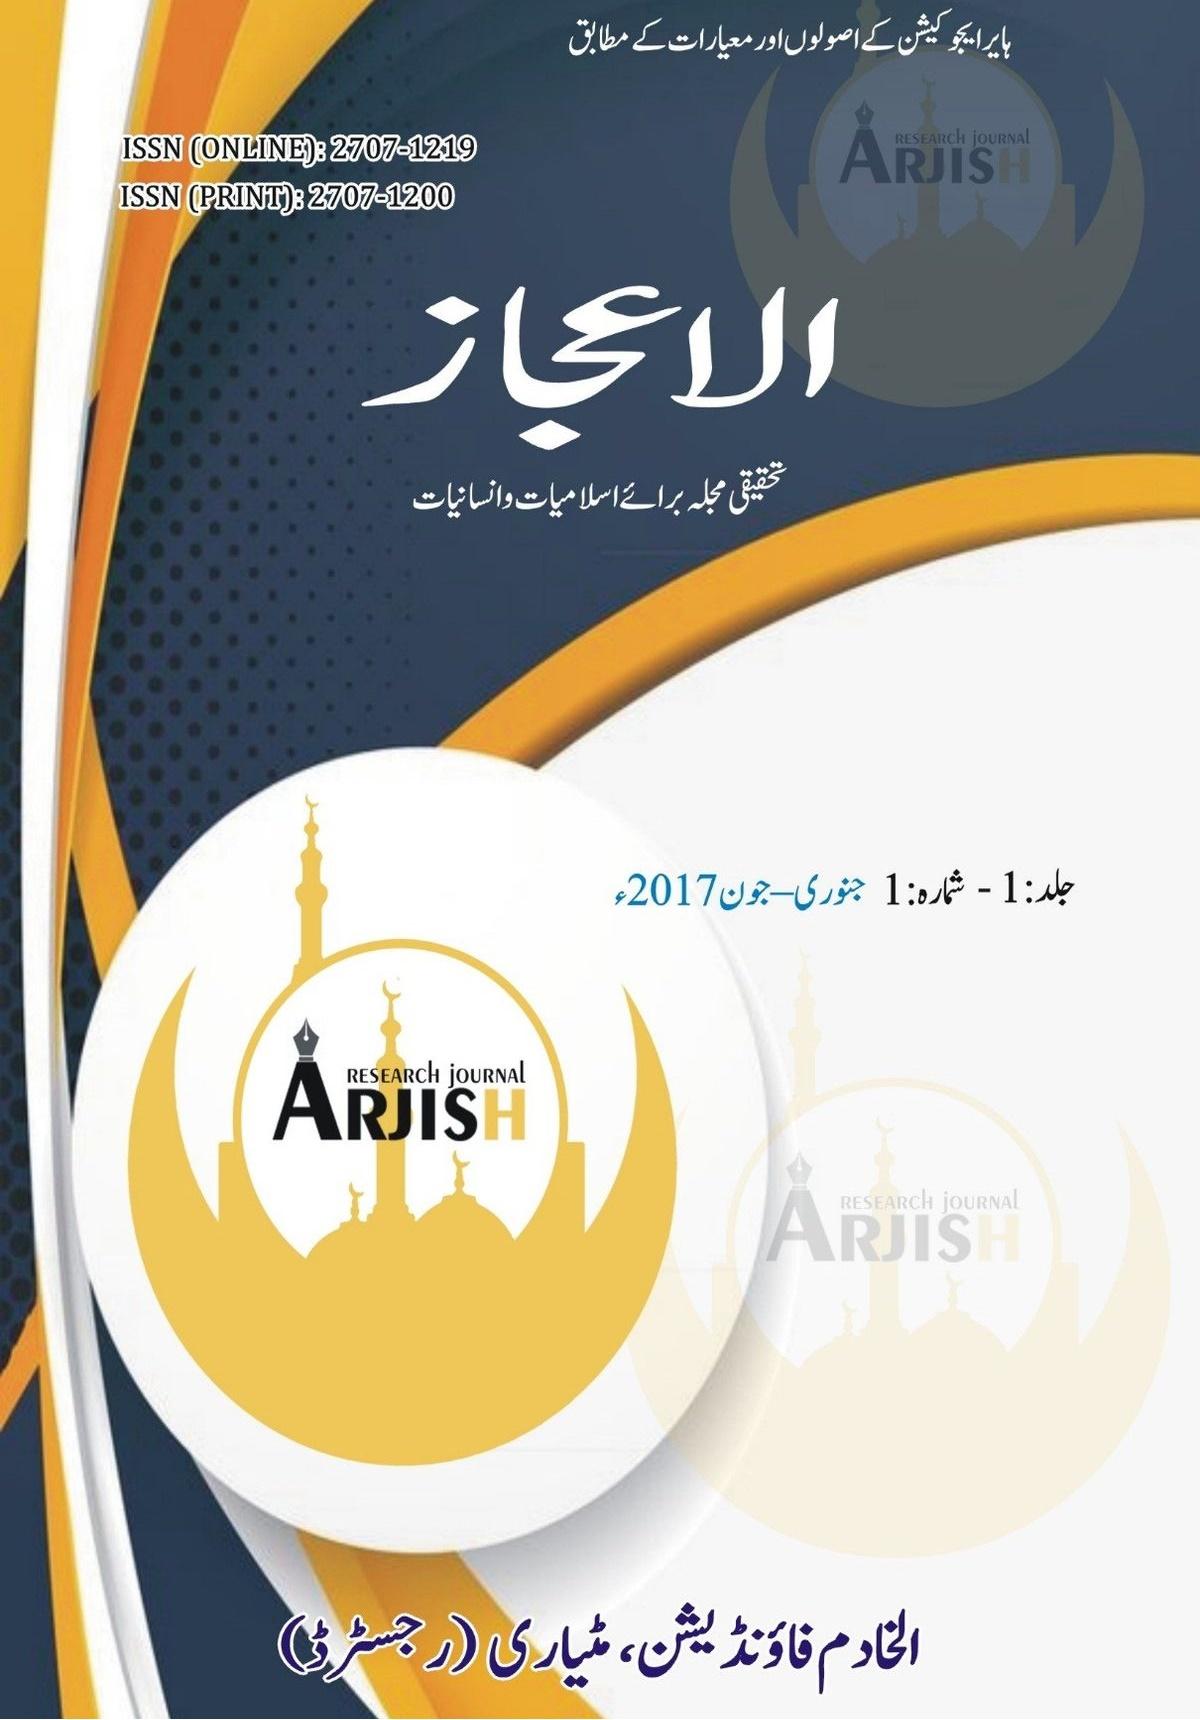 Al-Aijāz Research Journal of Islamic Studies & Humanities